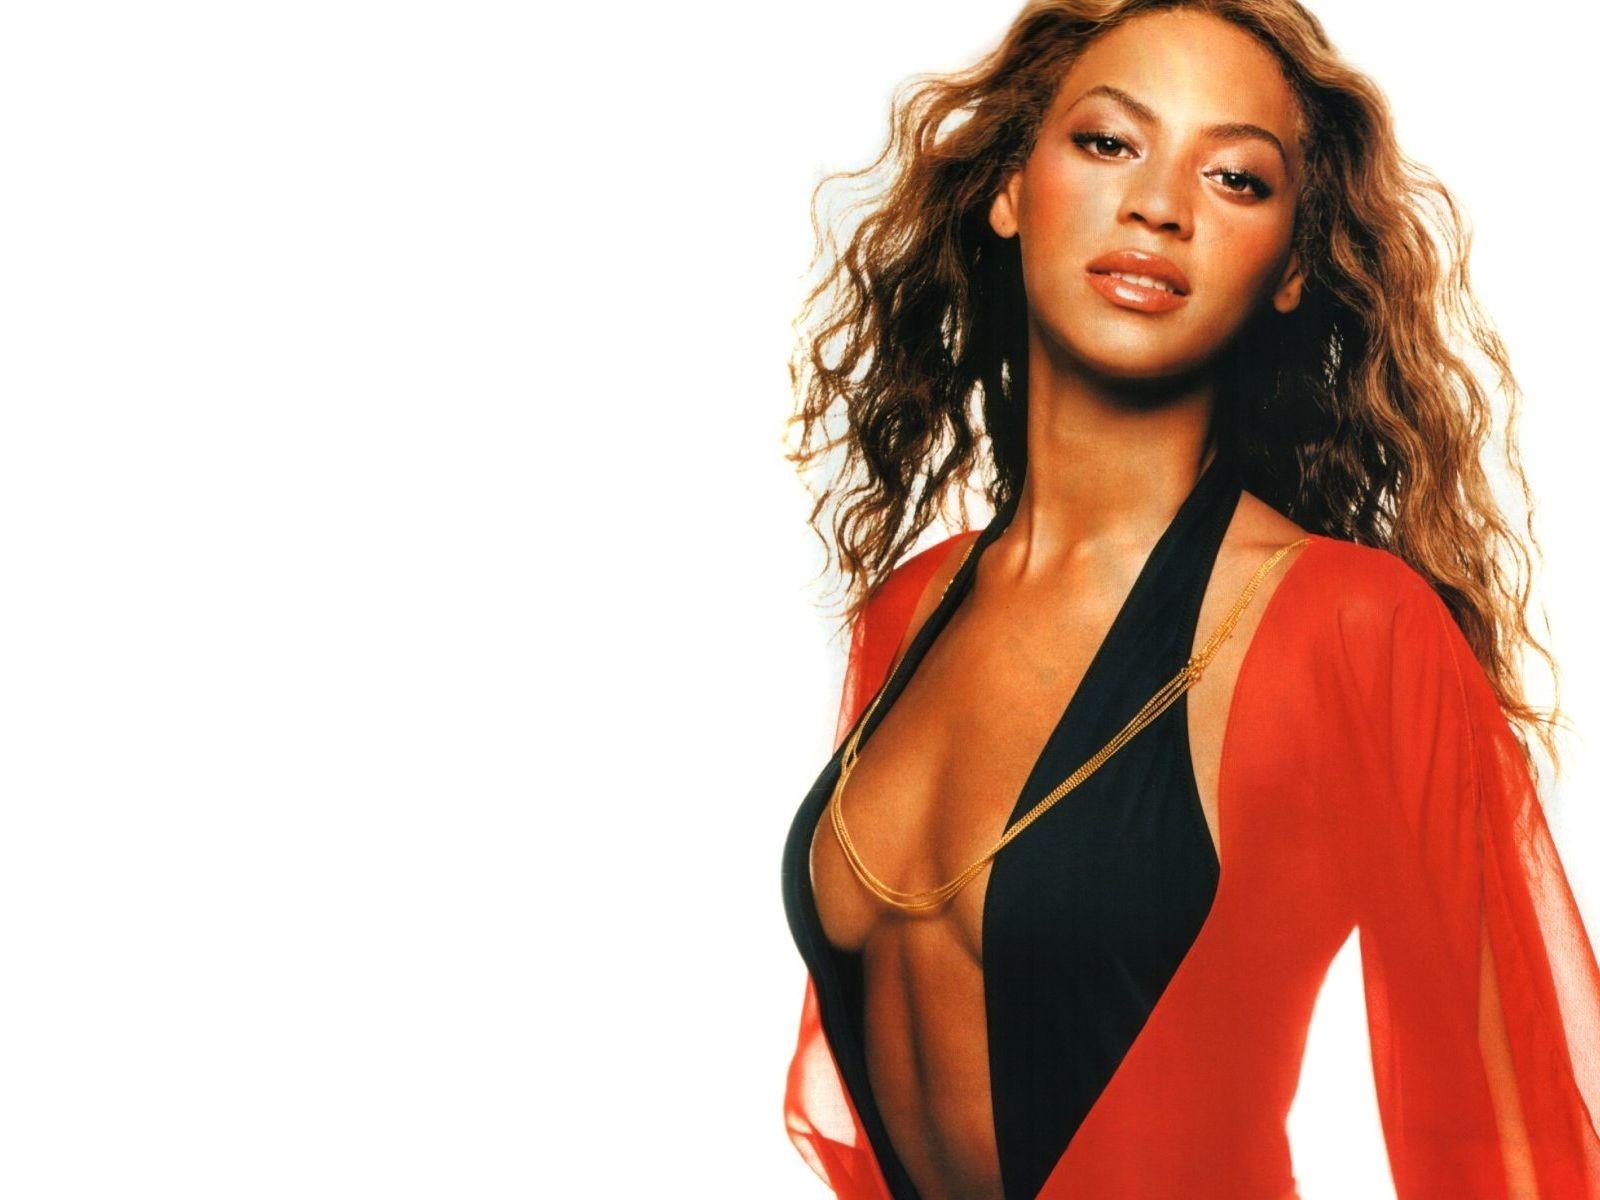 Wallpaper di Beyoncé Knowles 3